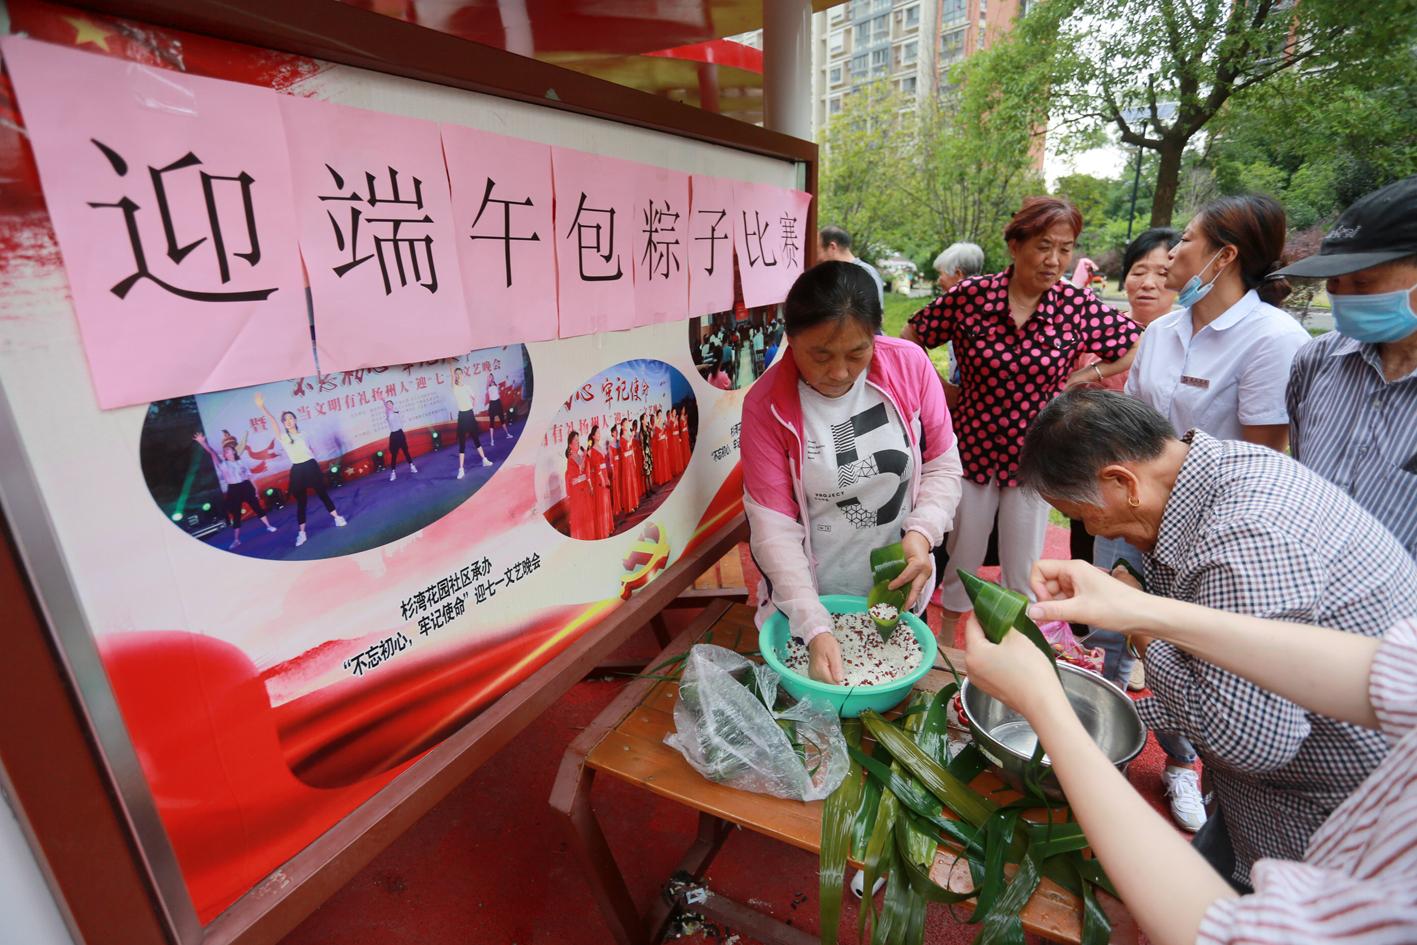 社区开展包粽子比赛